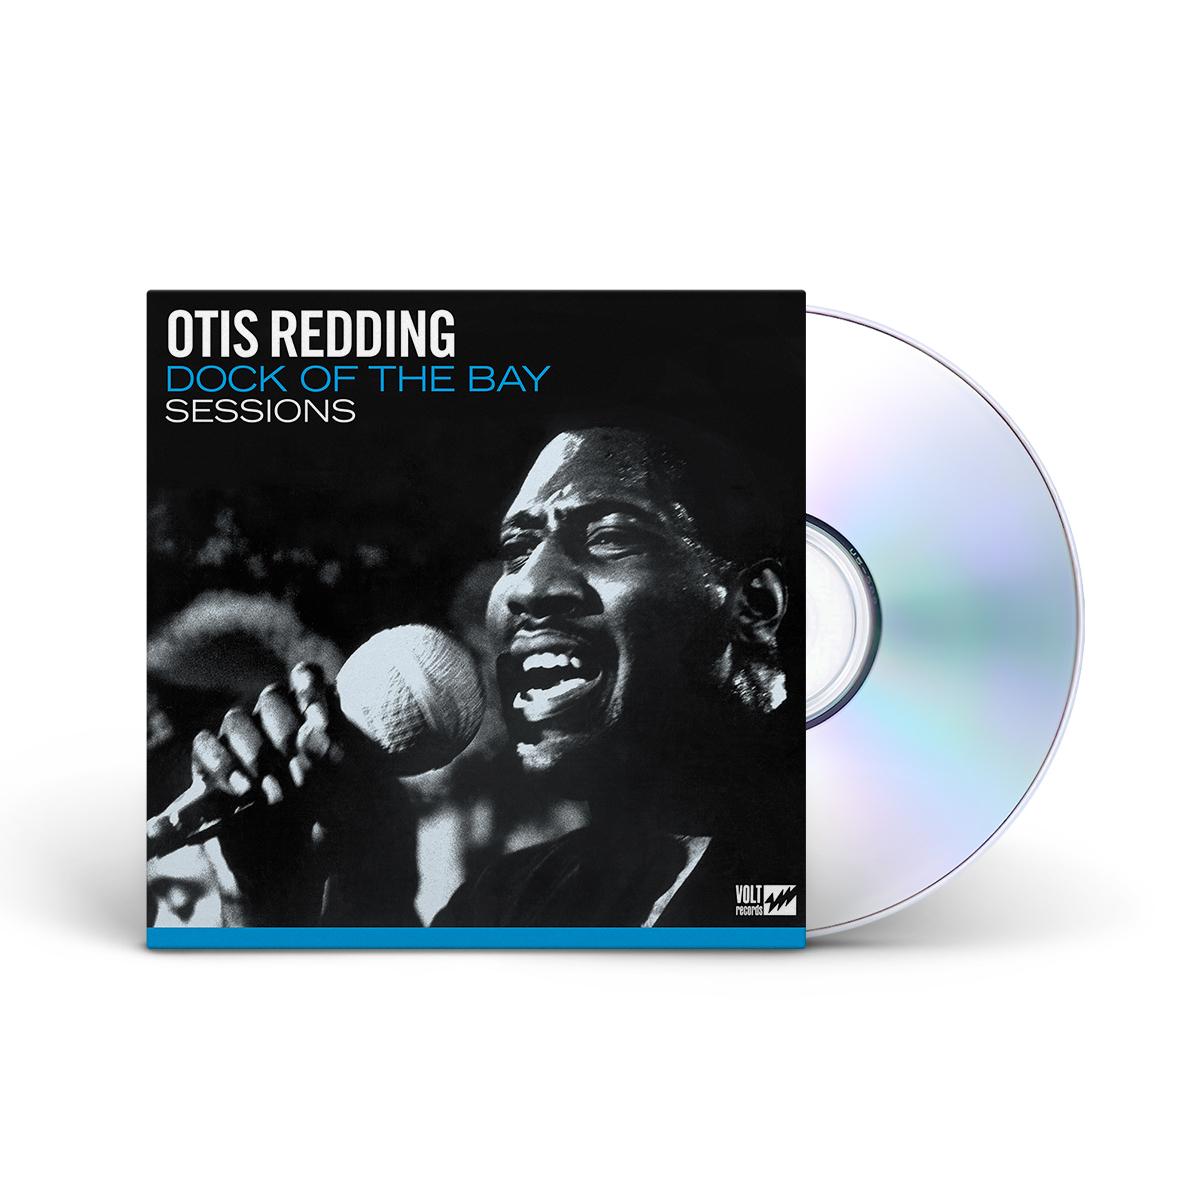 Otis Redding Dock of the Bay Sessions CD